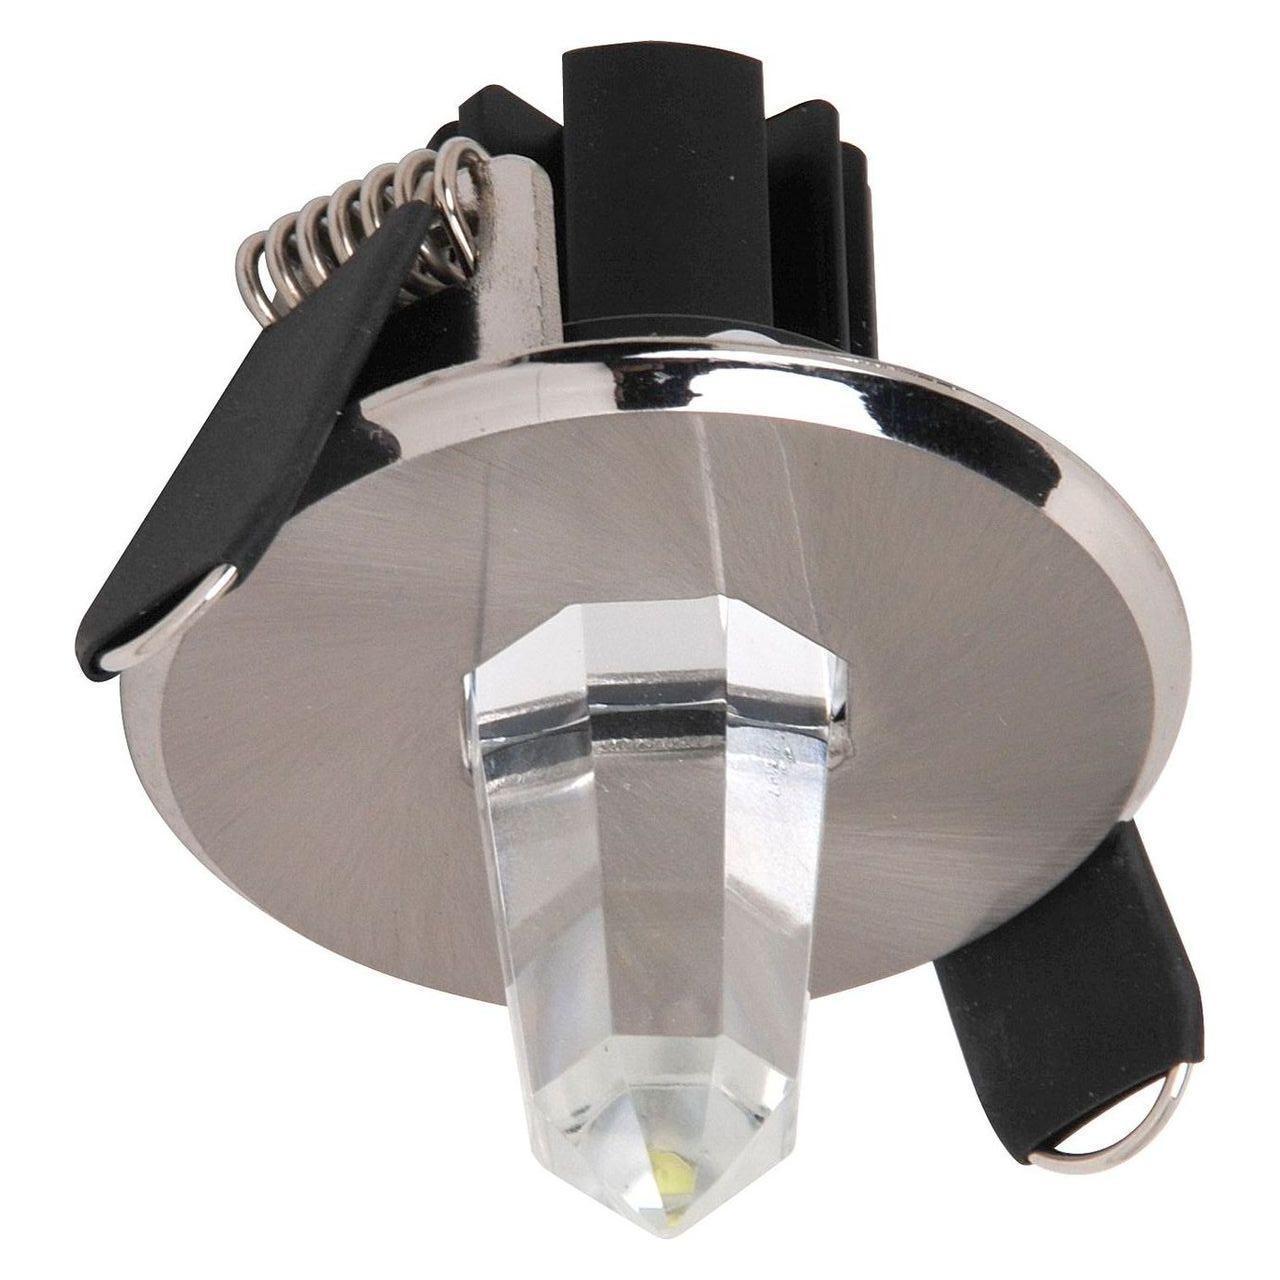 Встраиваемый светодиодный светильник Horoz Natalia синий 016-001-0001 (HL815L) встраиваемый светодиодный светильник horoz natalia красный 016 001 0001